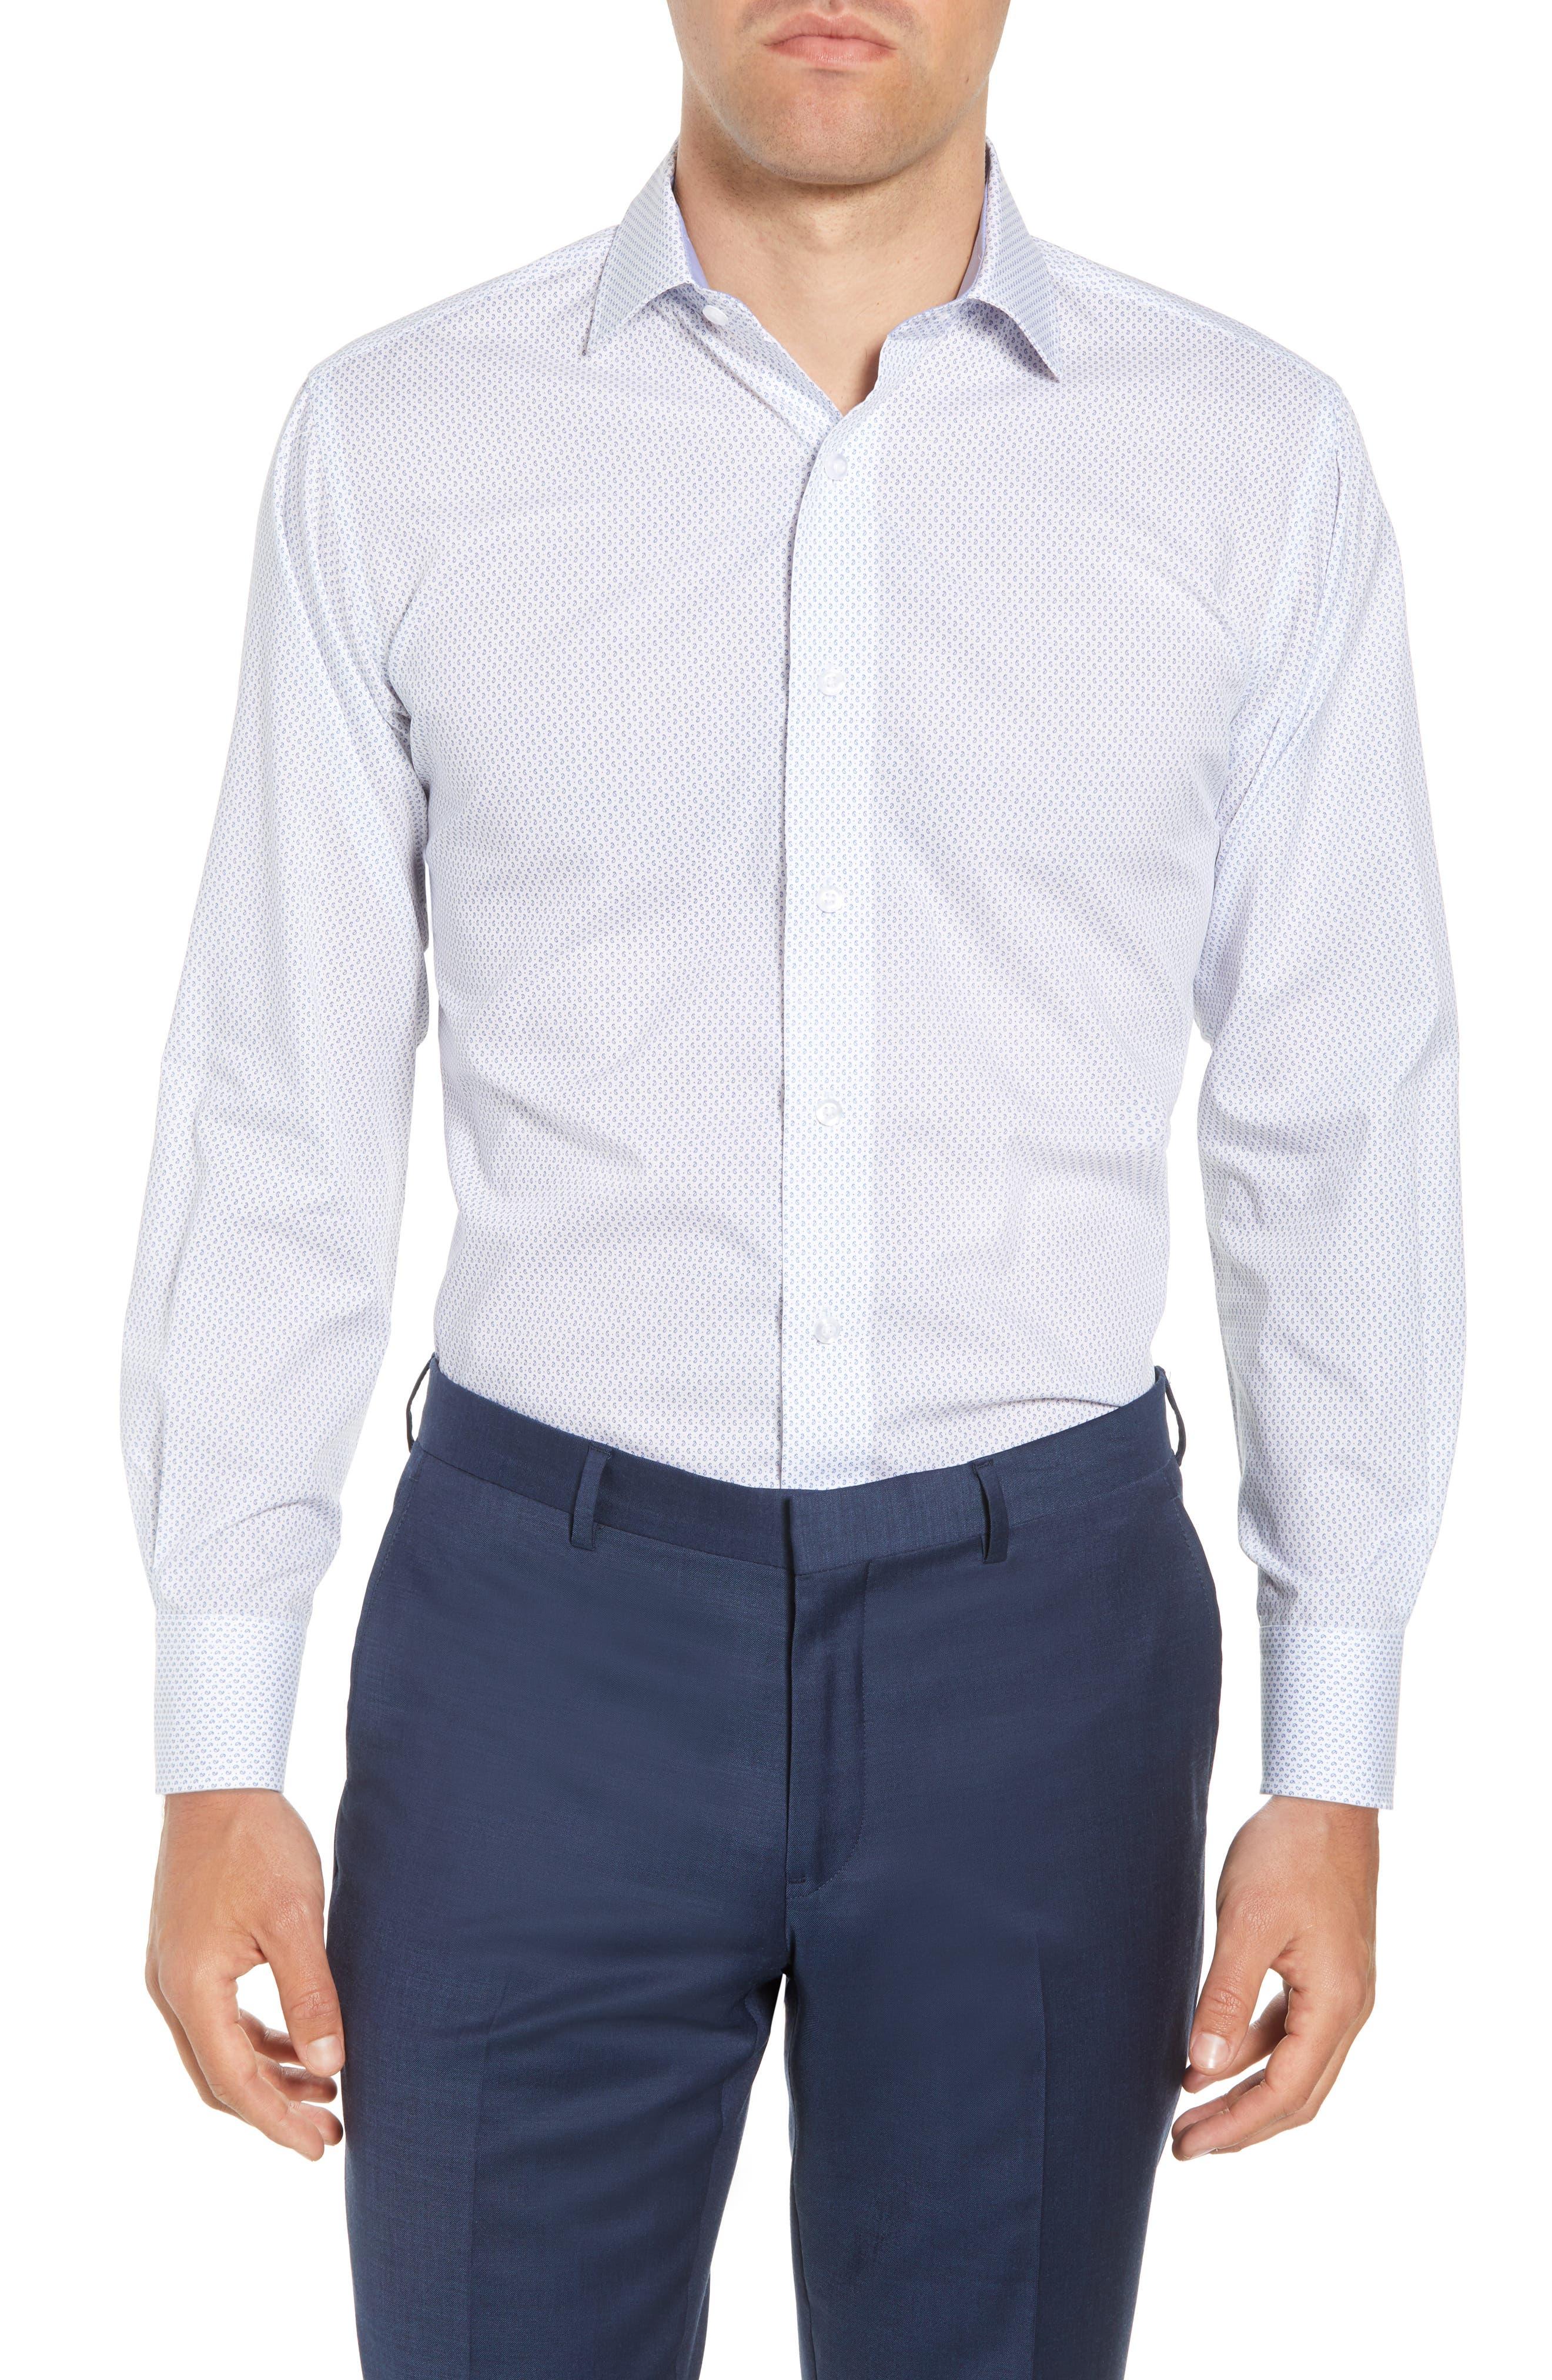 Trim Fit Paisley Dress Shirt,                         Main,                         color, White/ Blue